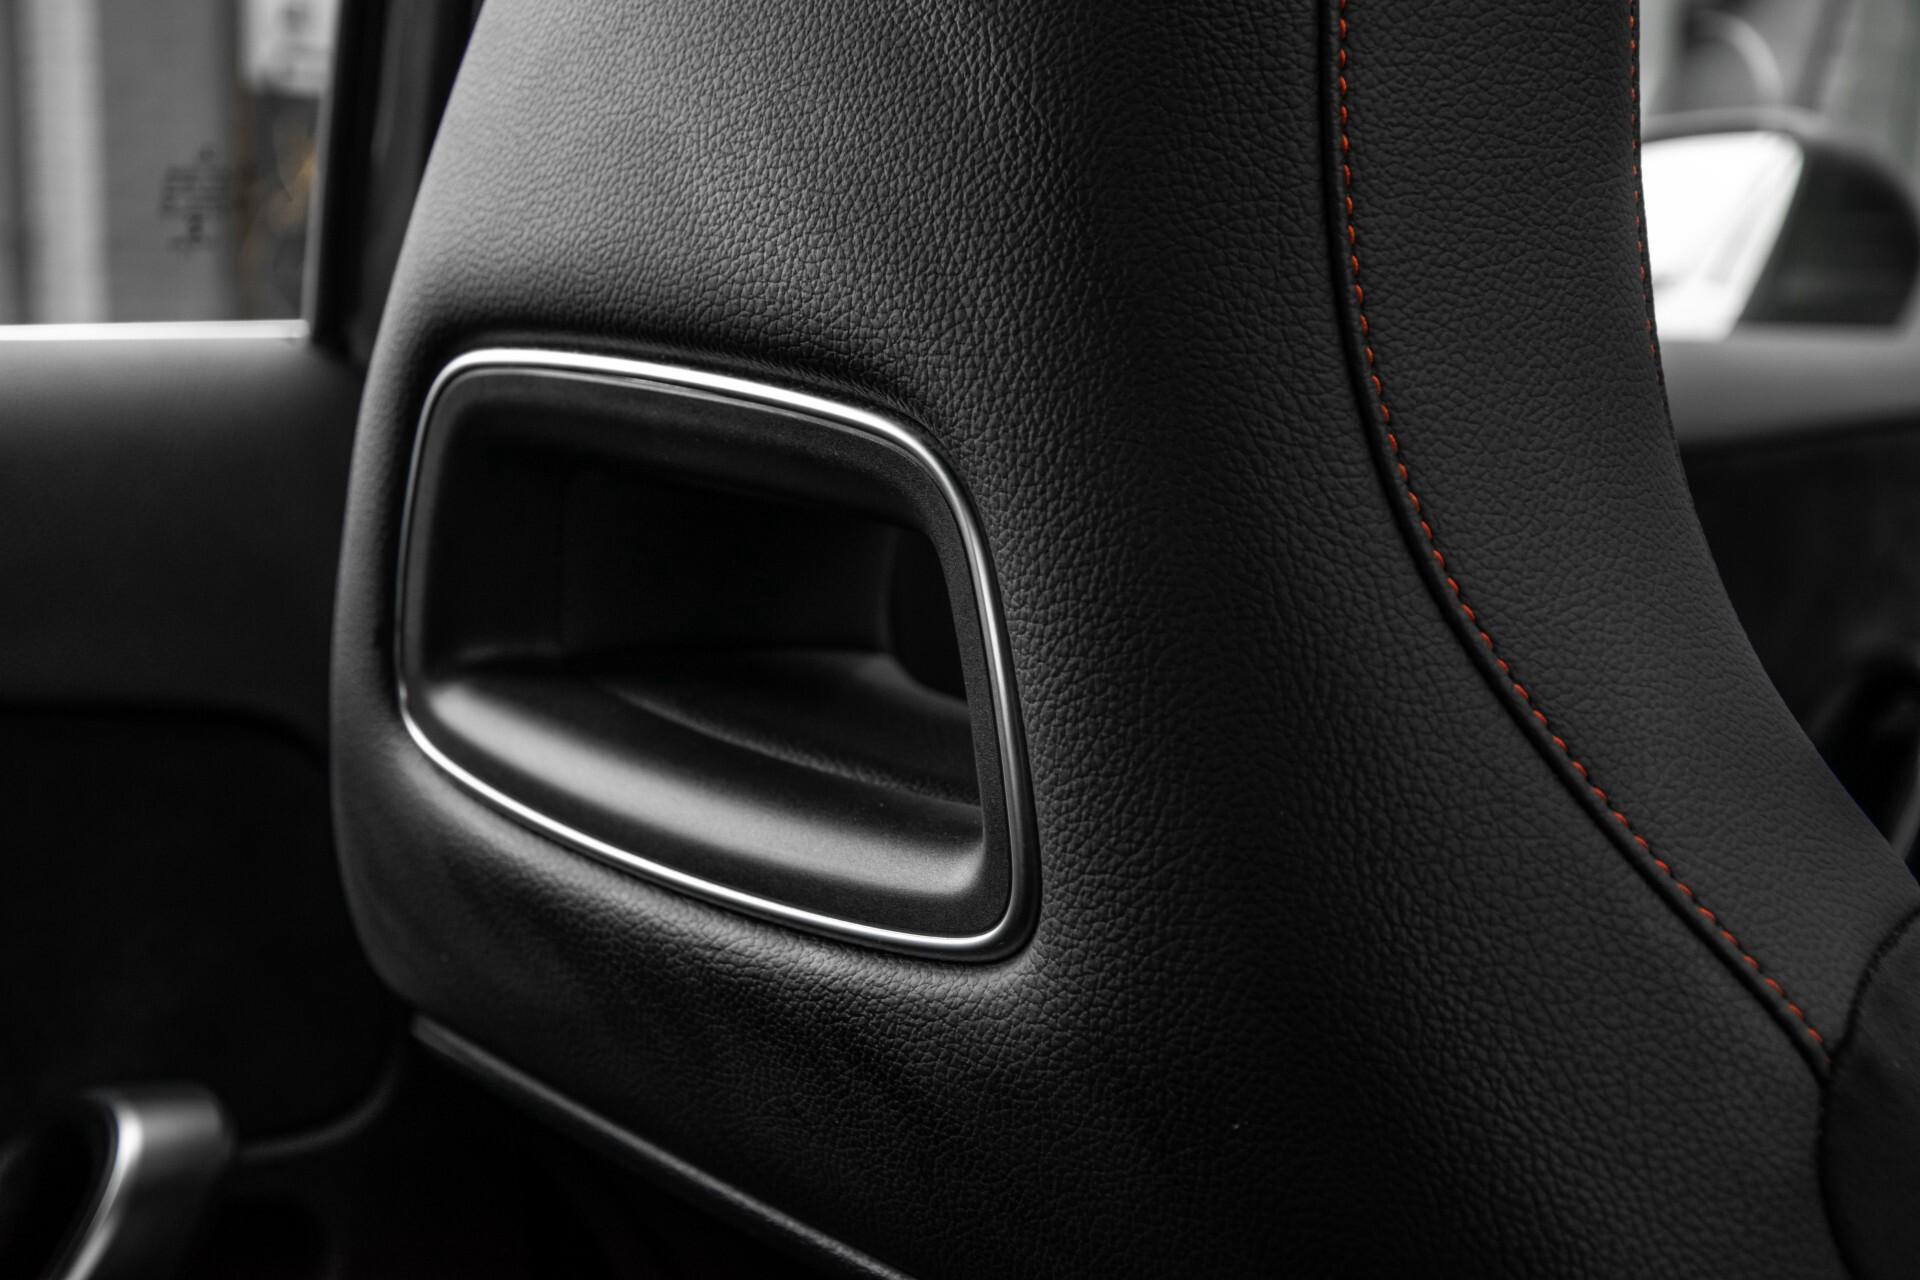 Mercedes-Benz A-Klasse 180 d AMG Panorama/MBUX/DAB/LED Aut7 Foto 46